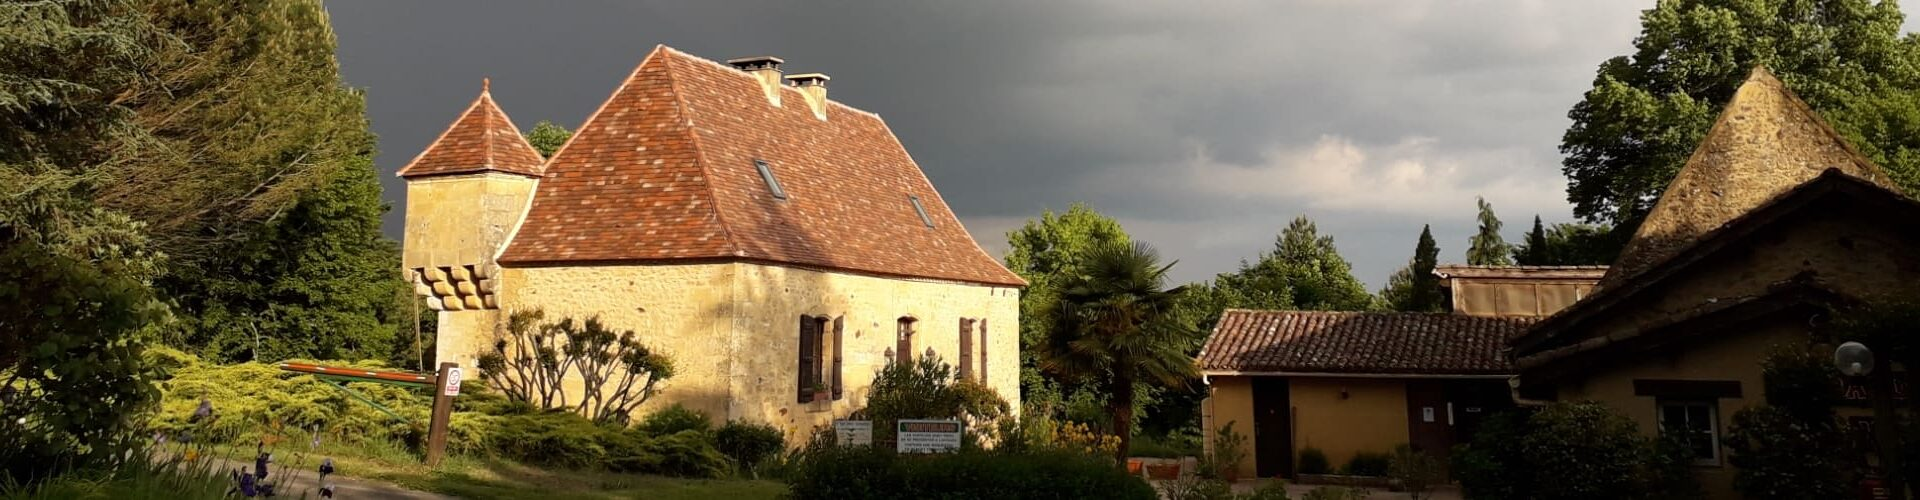 Camping La Grande Veyiere - Dordogne